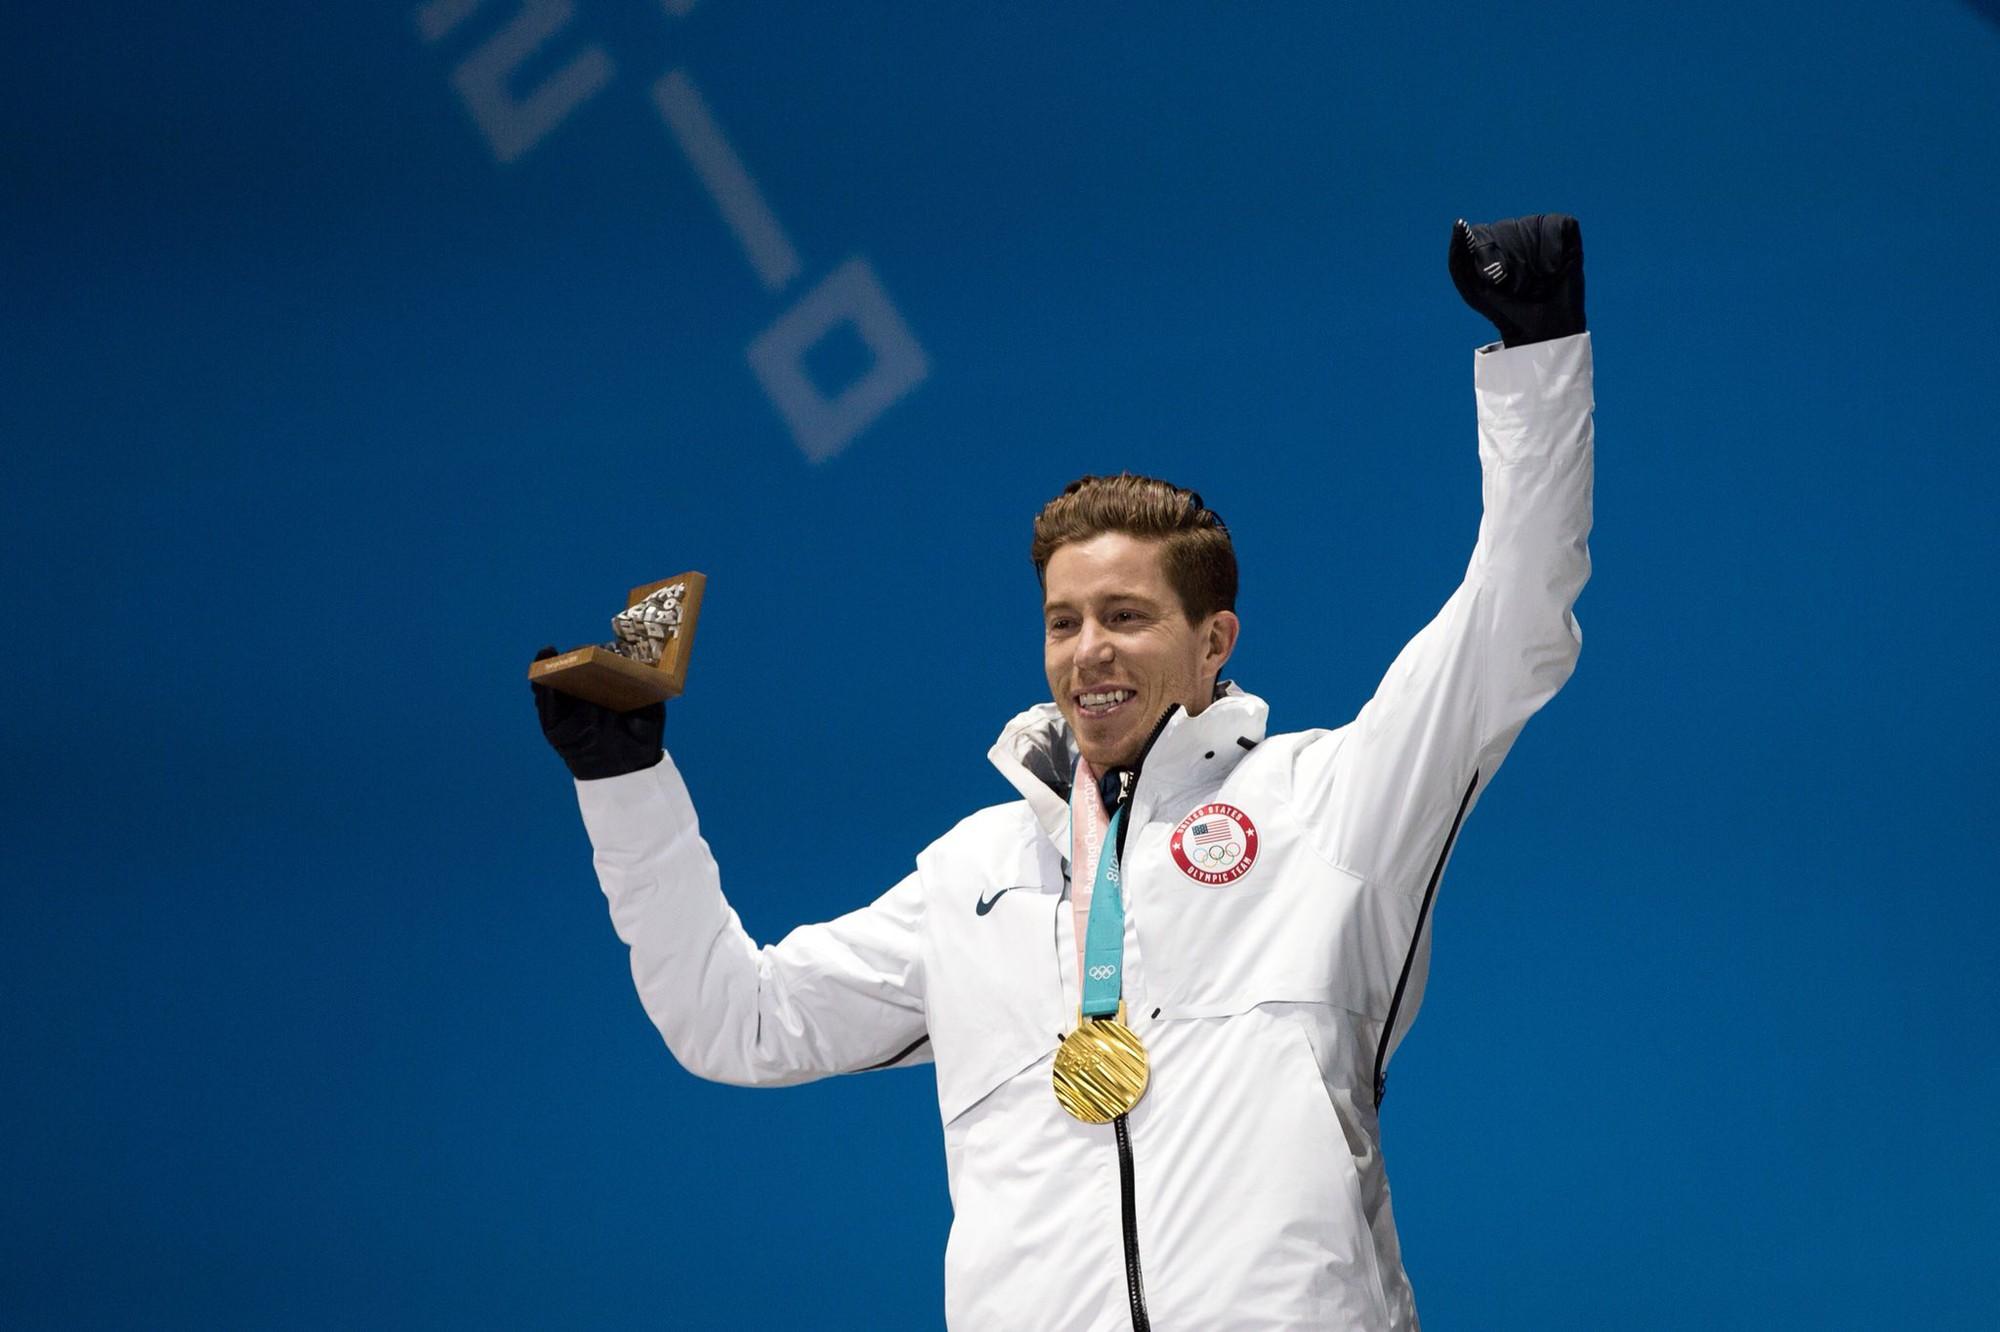 Shaun White, VĐV nam ''hot'' nhất PyeongChang 2018 với khoảng 5 triệu người theo dõi trên mạng xã hội. Anh giành 3 HCV Olympic ở các kỳ 2006, 2010, 2018